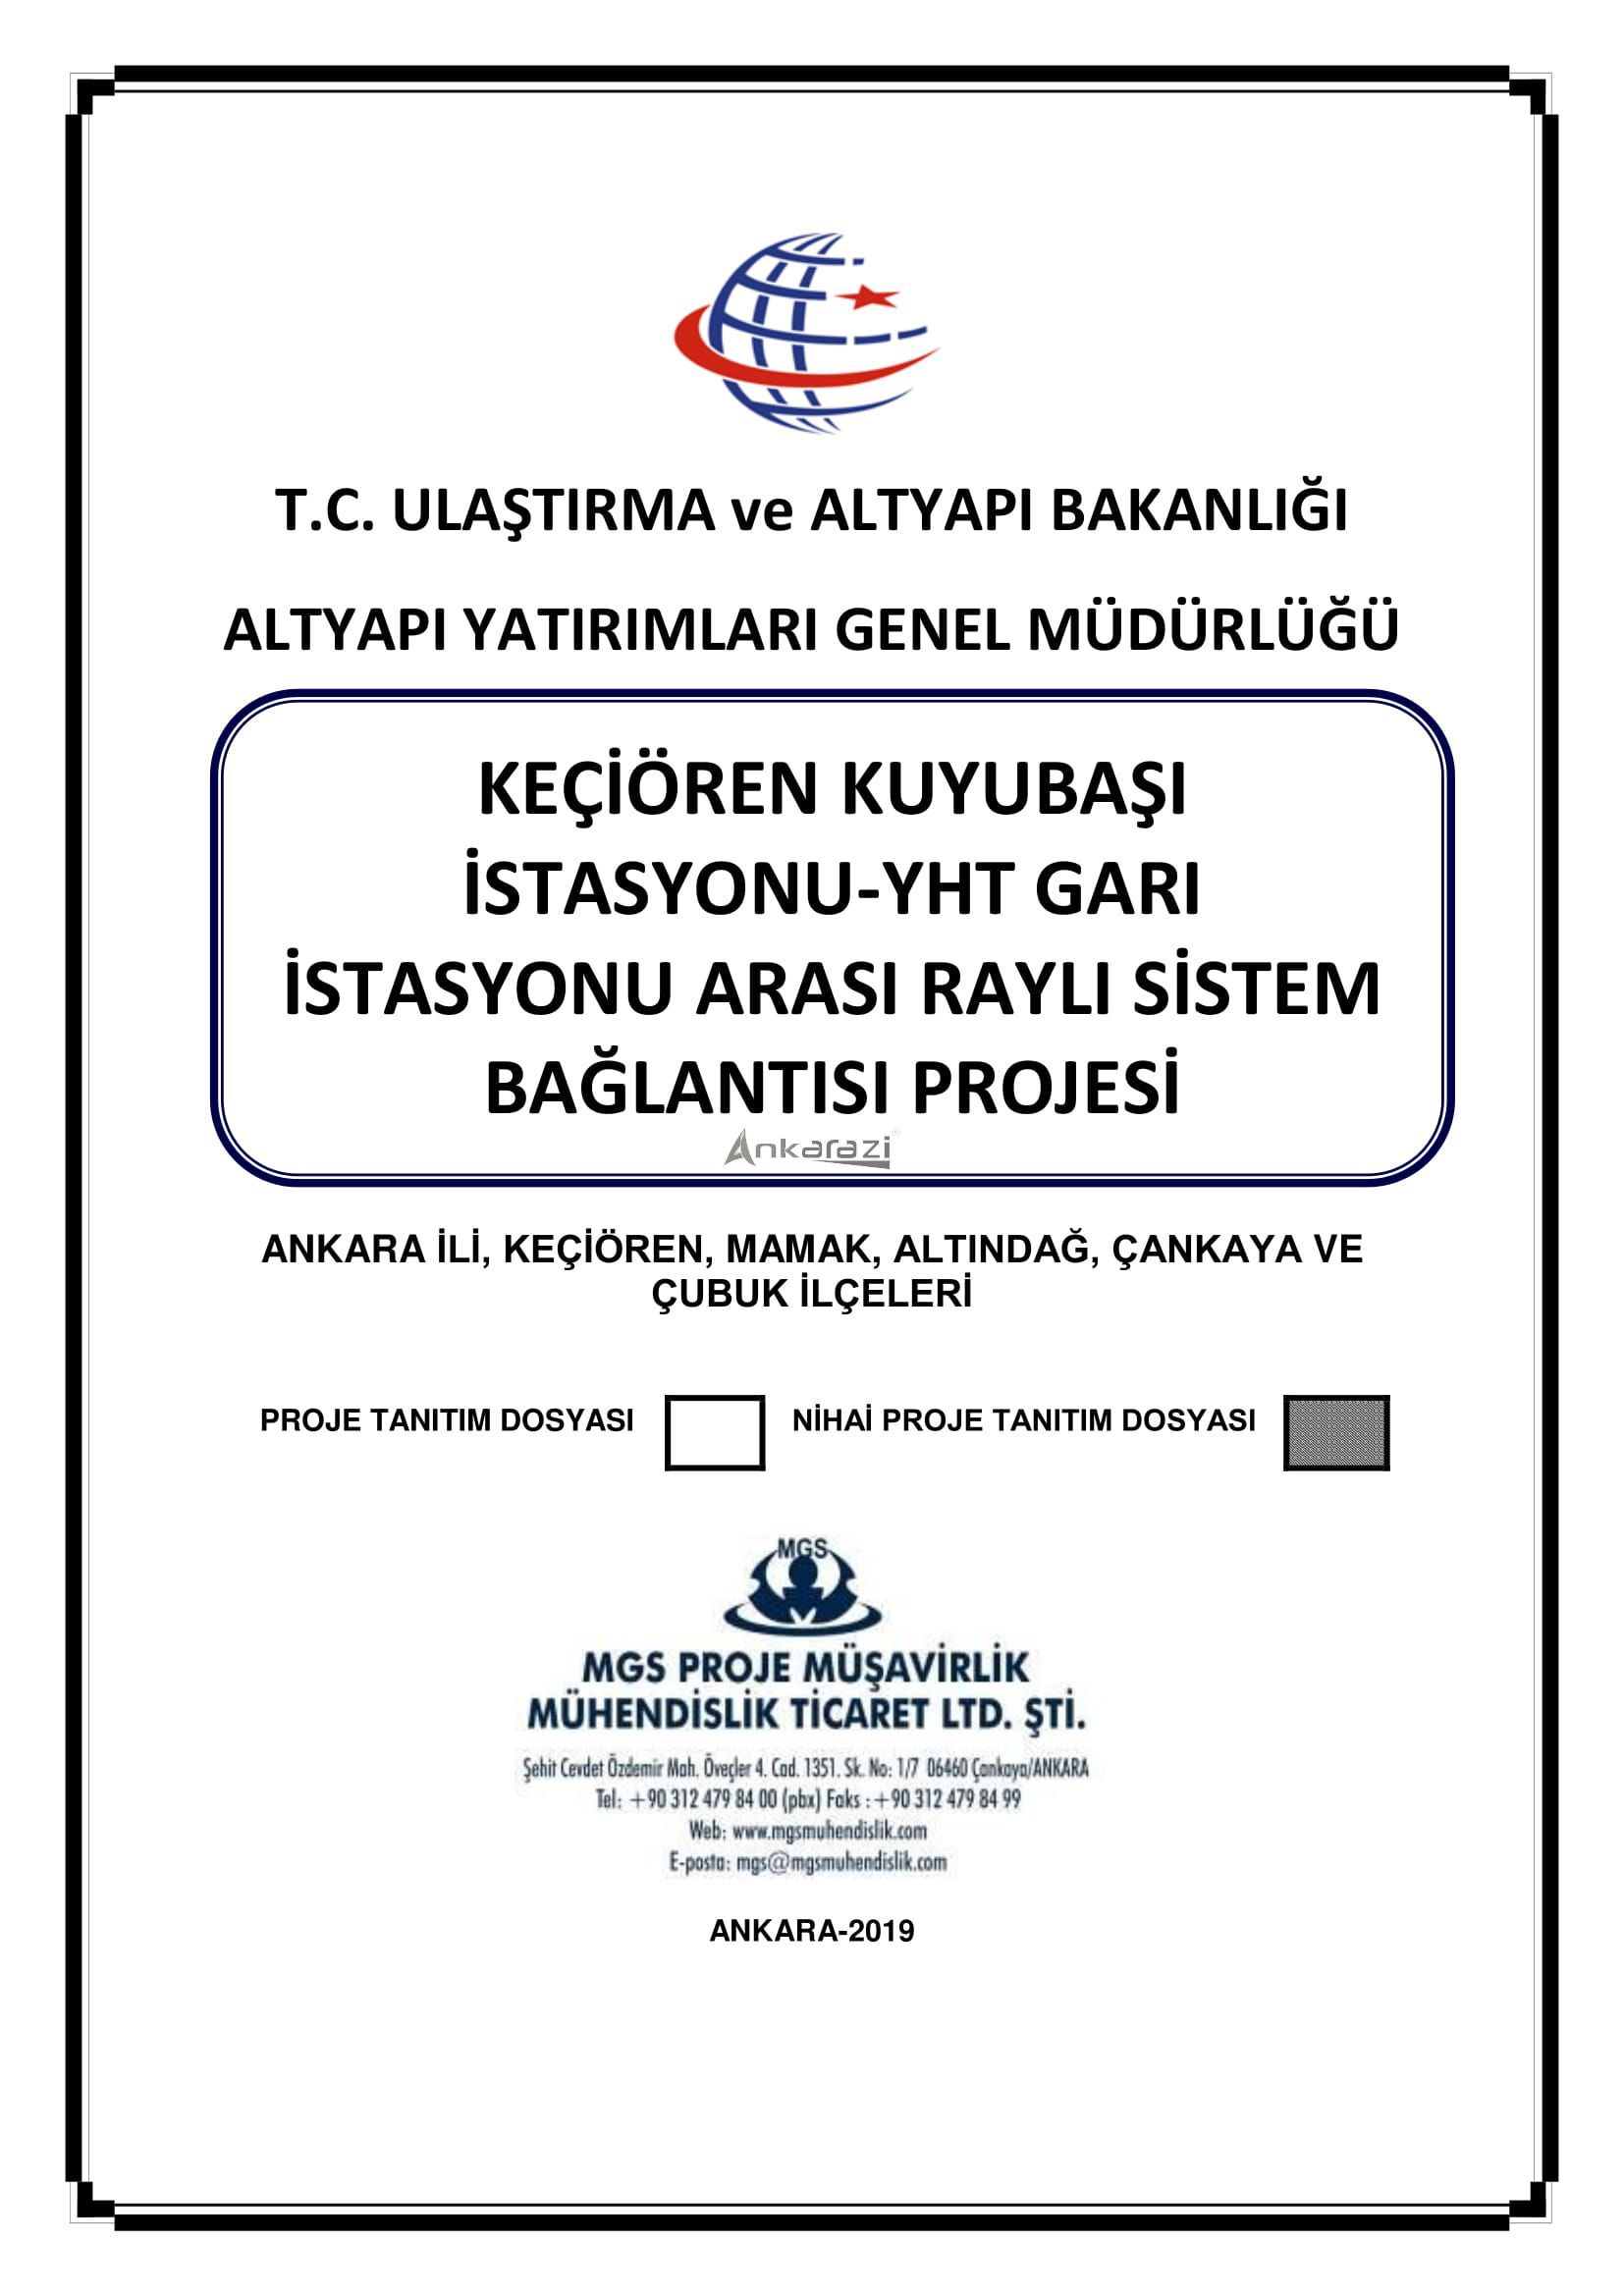 Keçiören-Siteler-YHT Garı Metro Hattı, Nihai Proje Dosyası... 3688